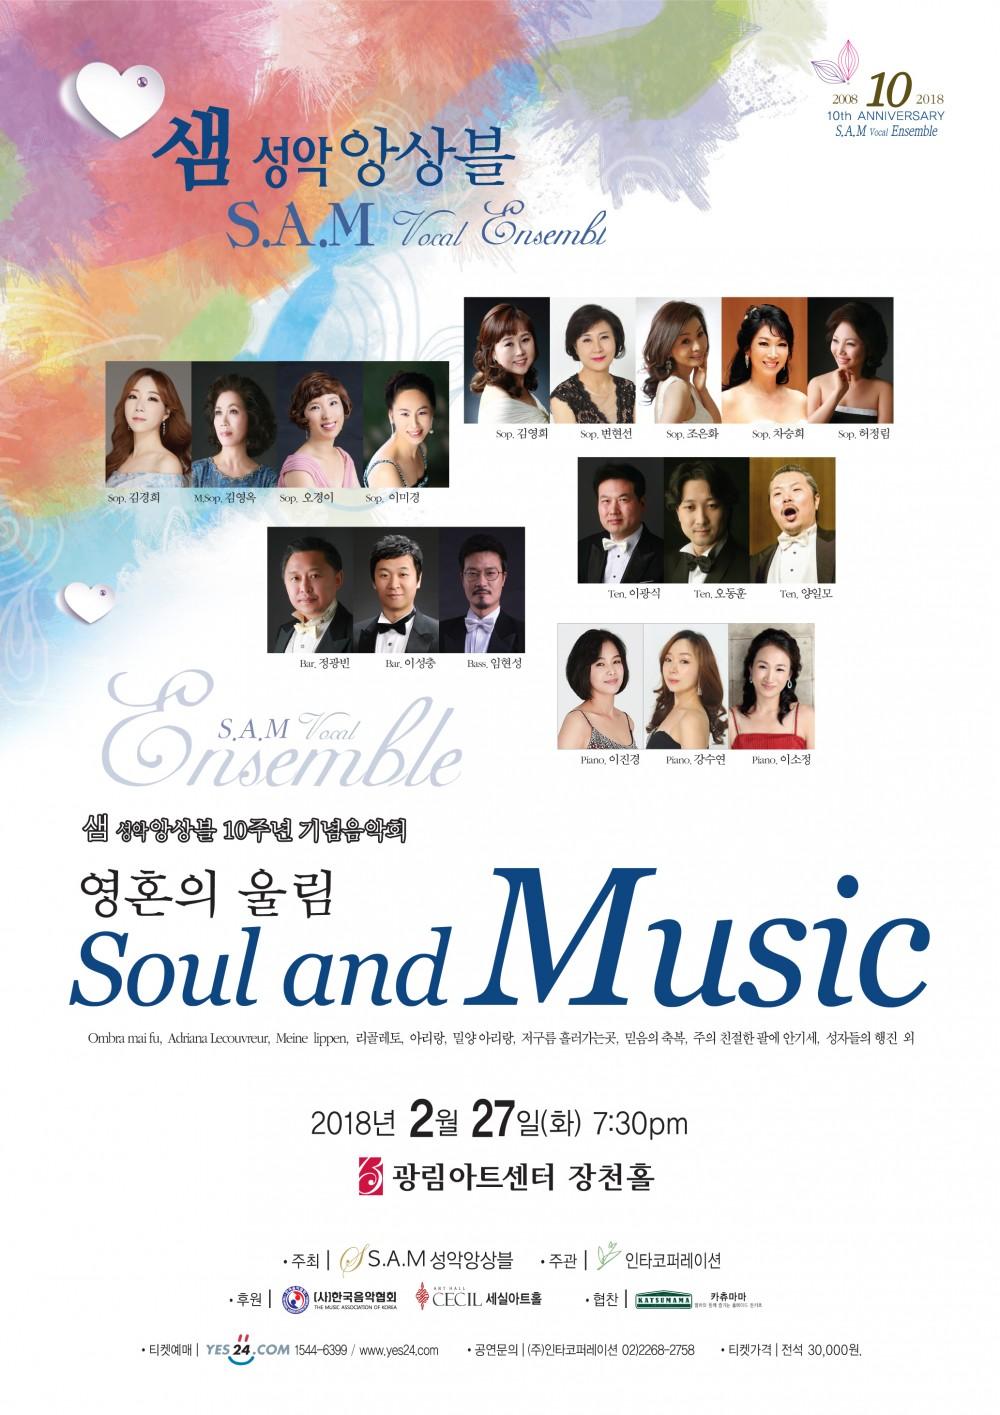 [사]한국음악협회 / 연주회소식